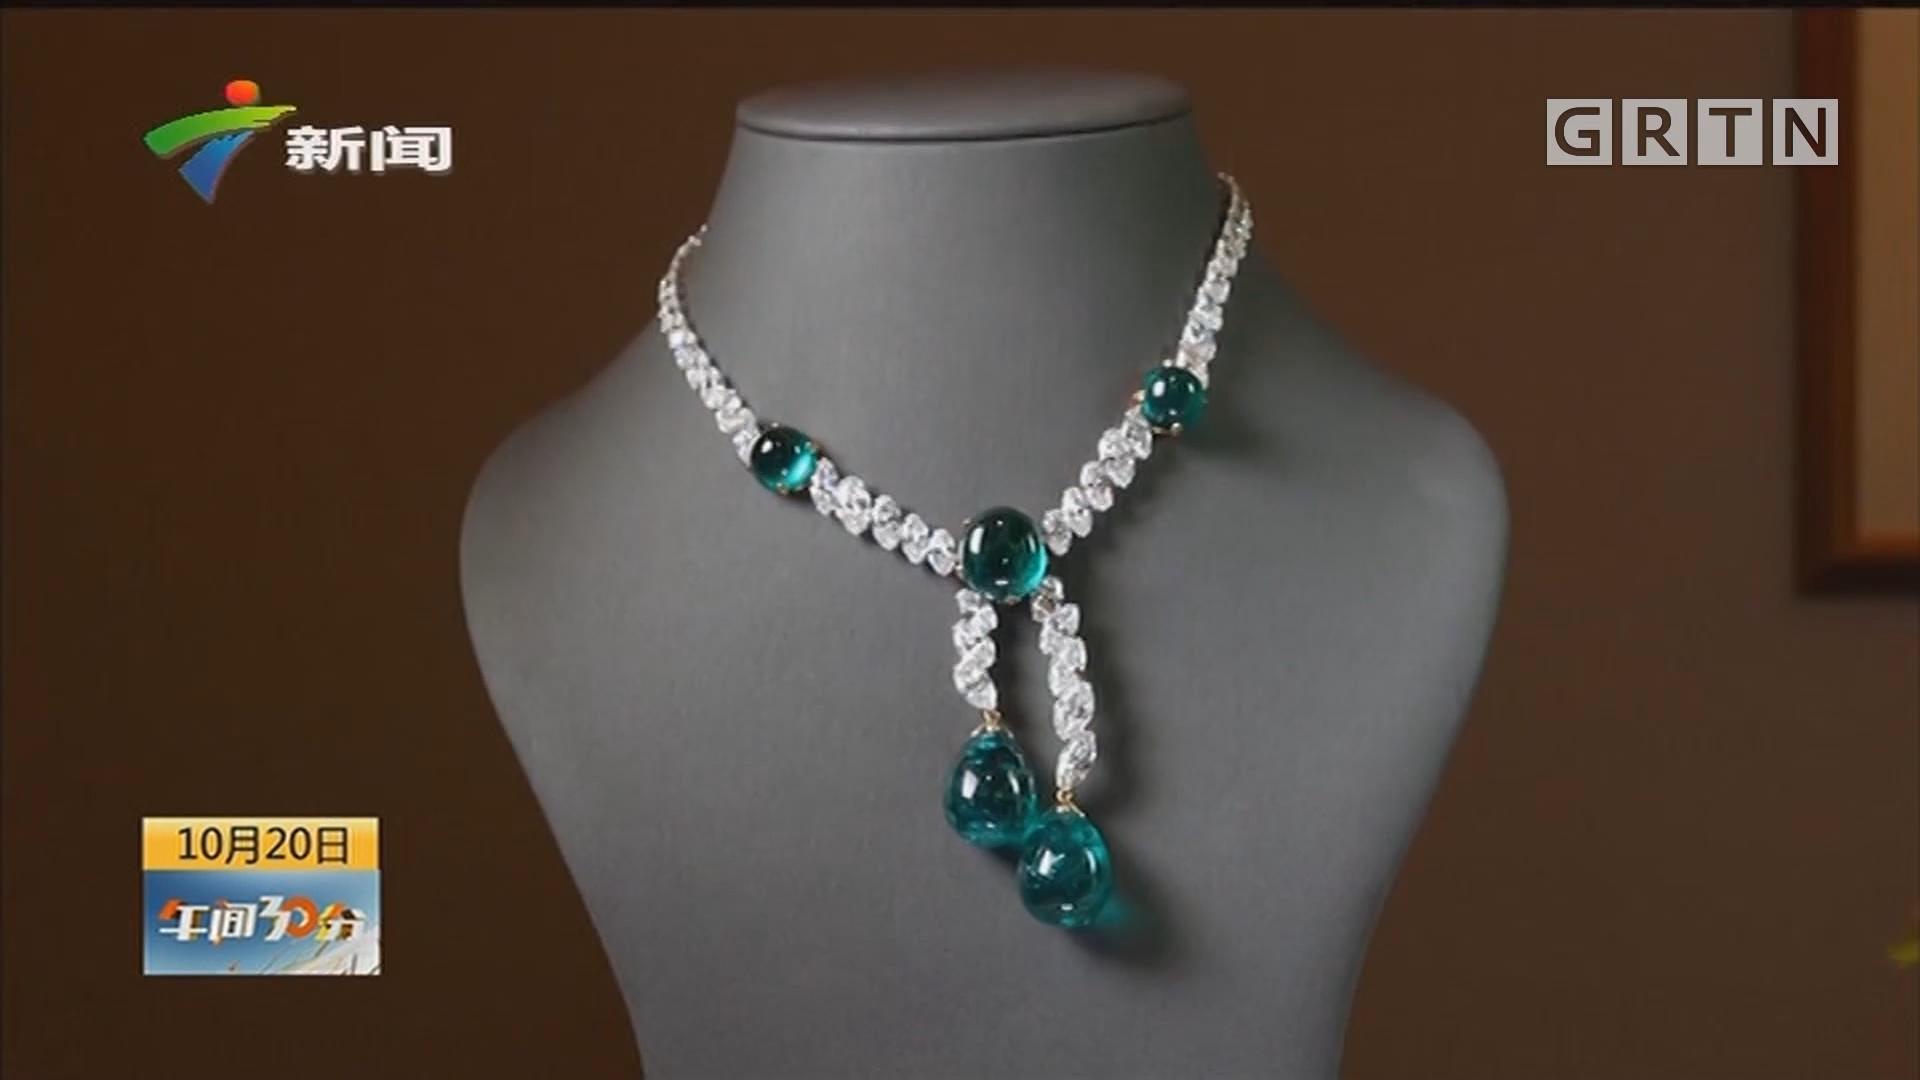 英国伦敦苏富比珠宝拍卖会预展 璀璨奢华看过瘾